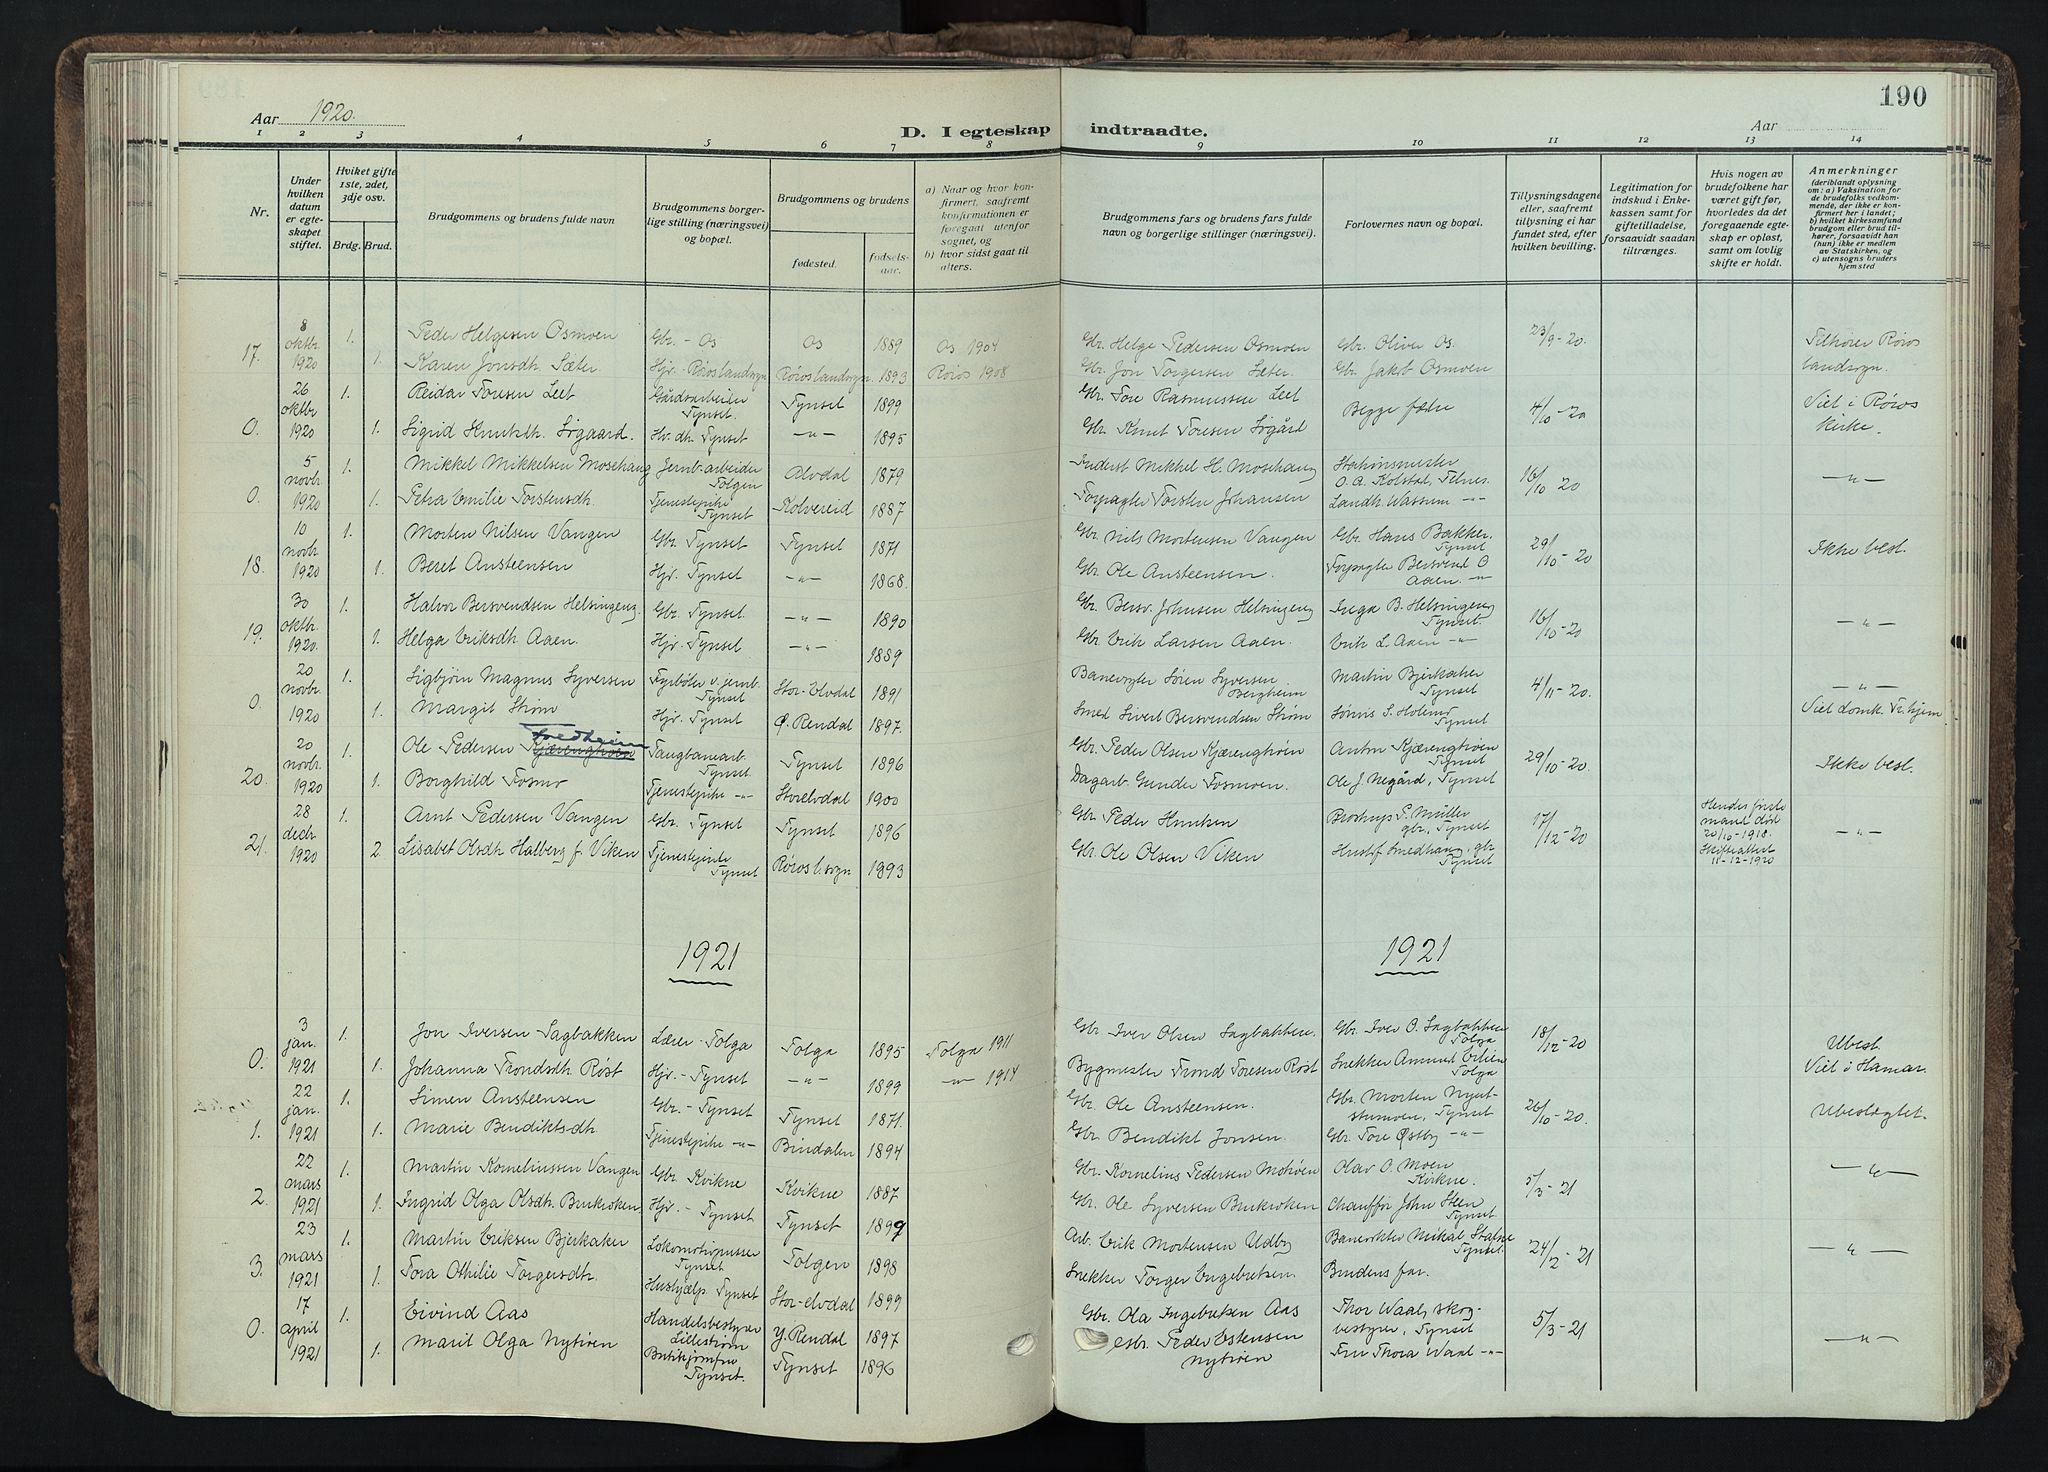 SAH, Tynset prestekontor, Parish register (official) no. 26, 1915-1929, p. 190